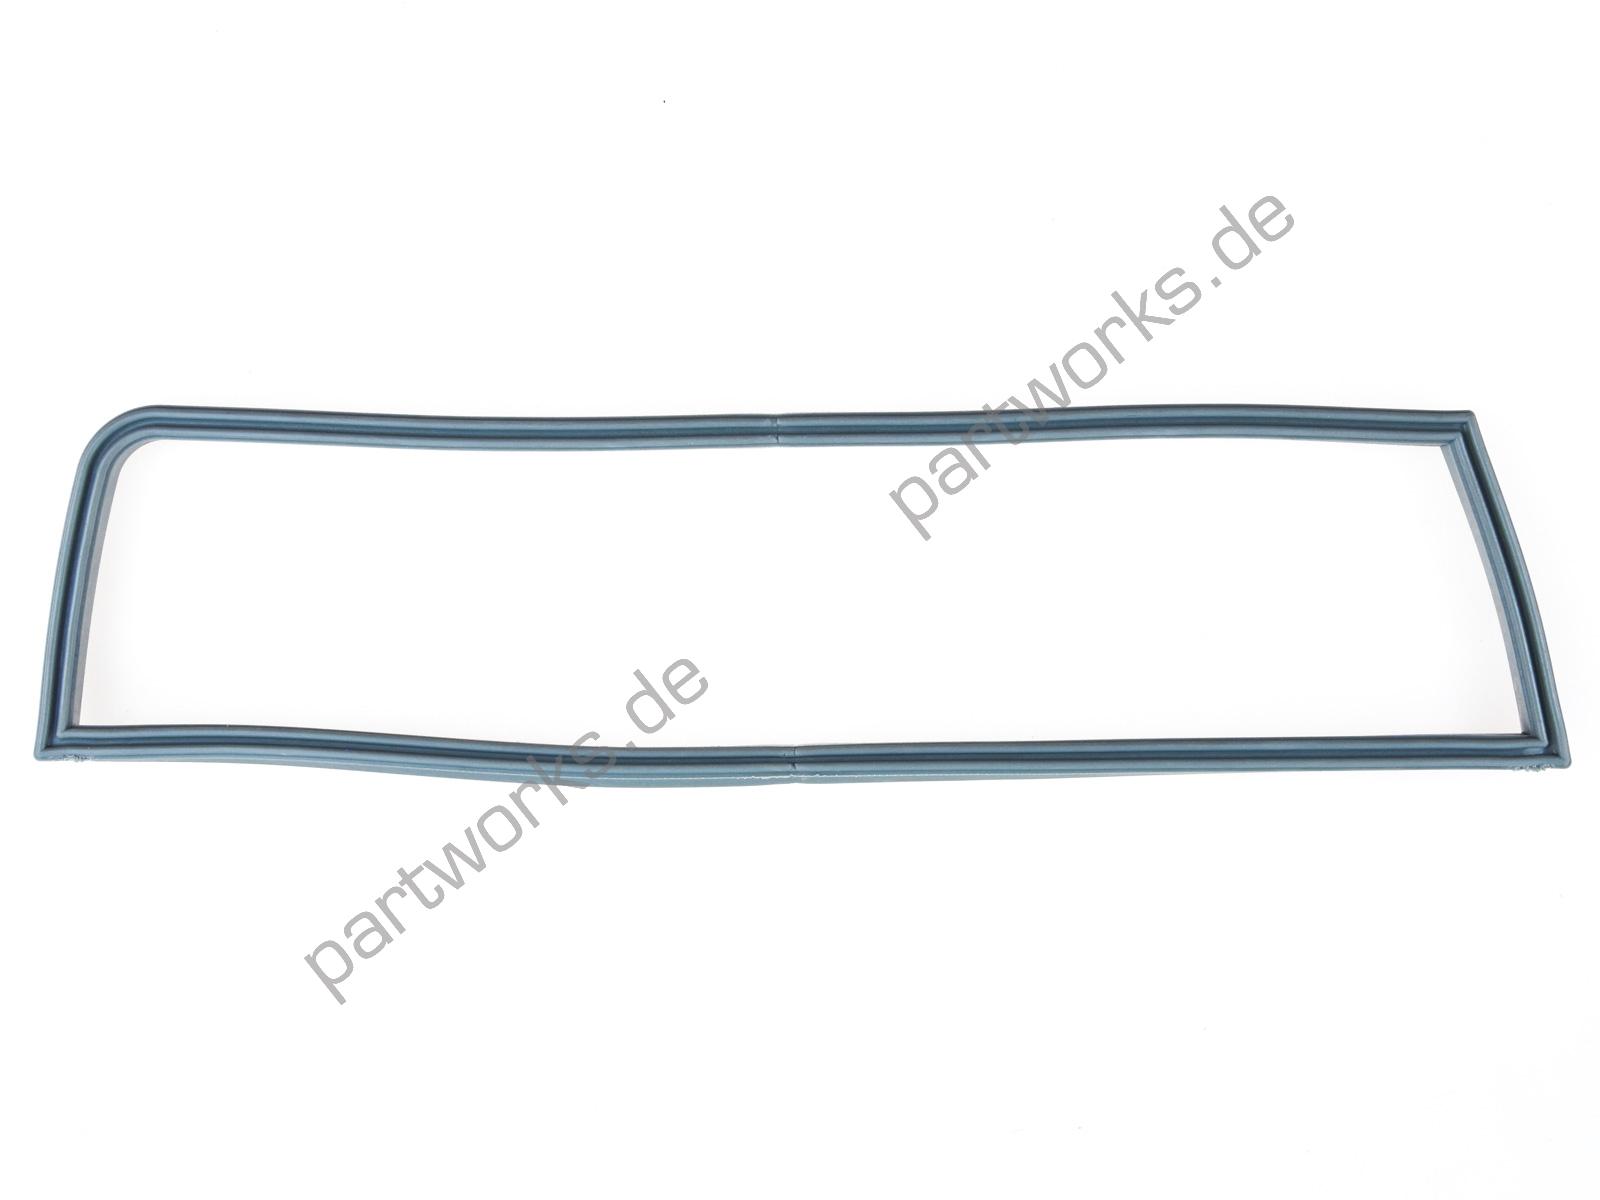 Dichtung Blinker für Porsche 911 2.0 -69 901 vorne LINKS